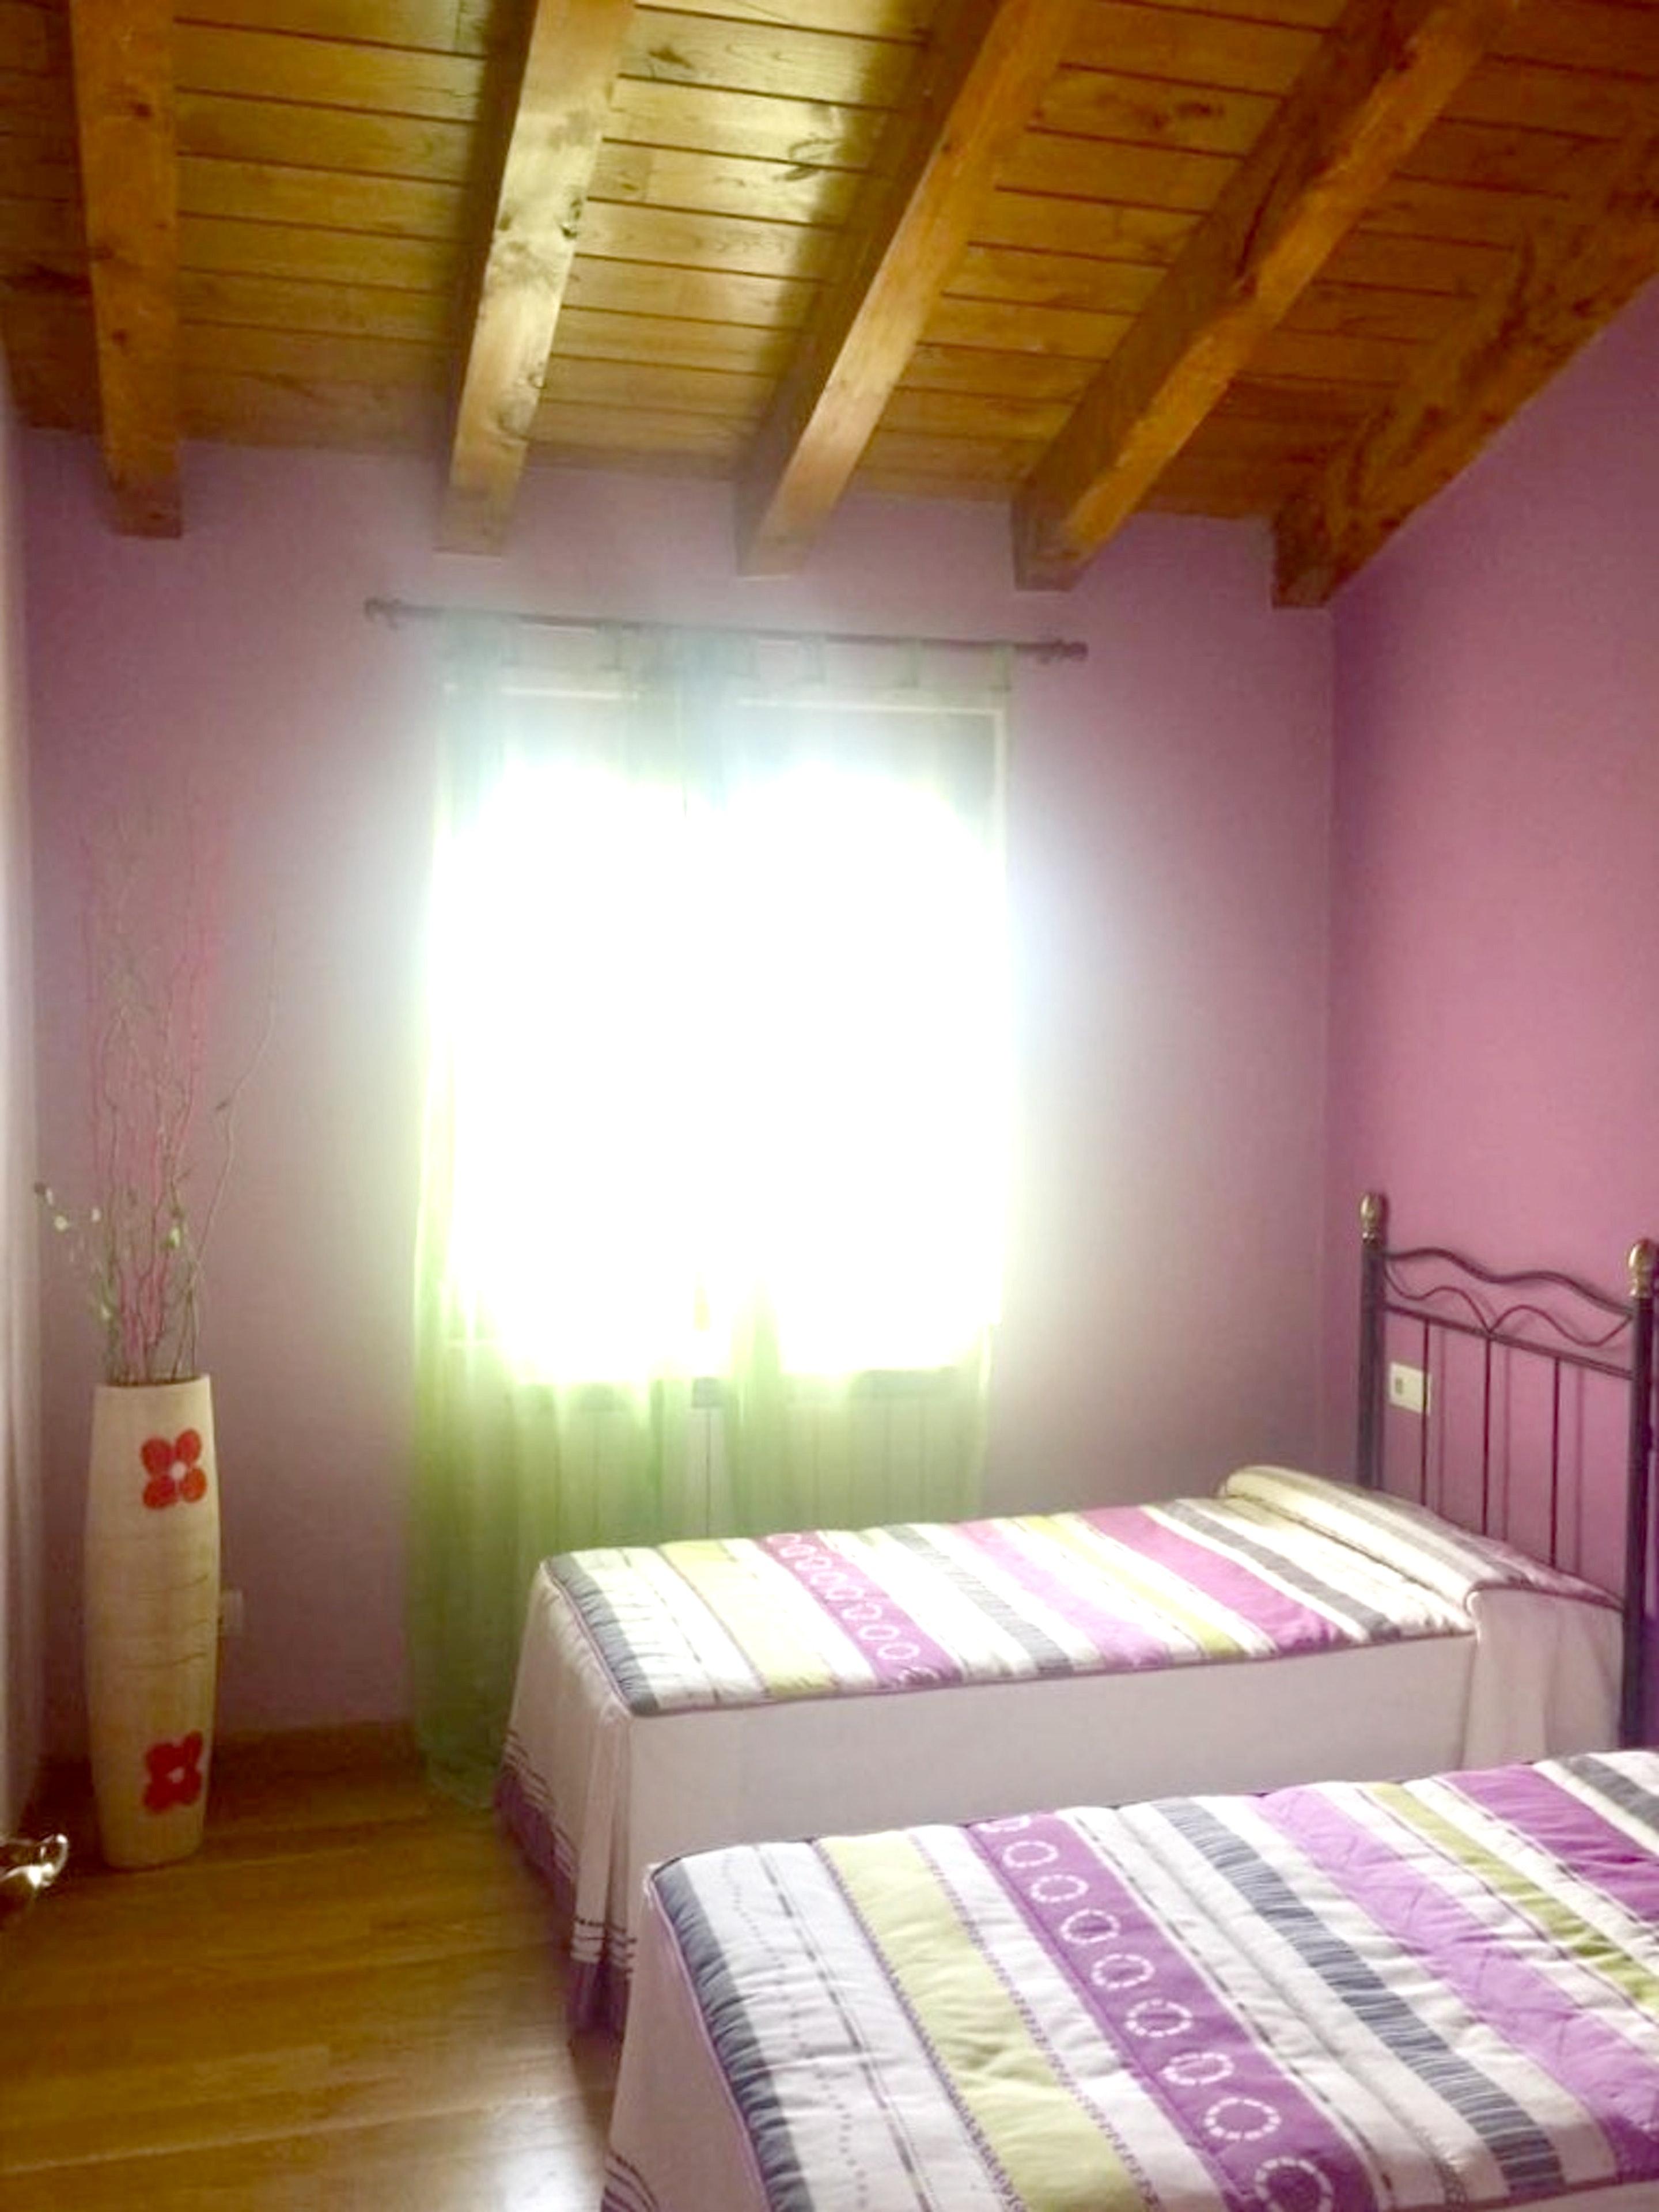 Ferienhaus Haus mit 3 Schlafzimmern in Arellano mit toller Aussicht auf die Berge und möblierter Terr (2420299), Arellano, , Navarra, Spanien, Bild 14